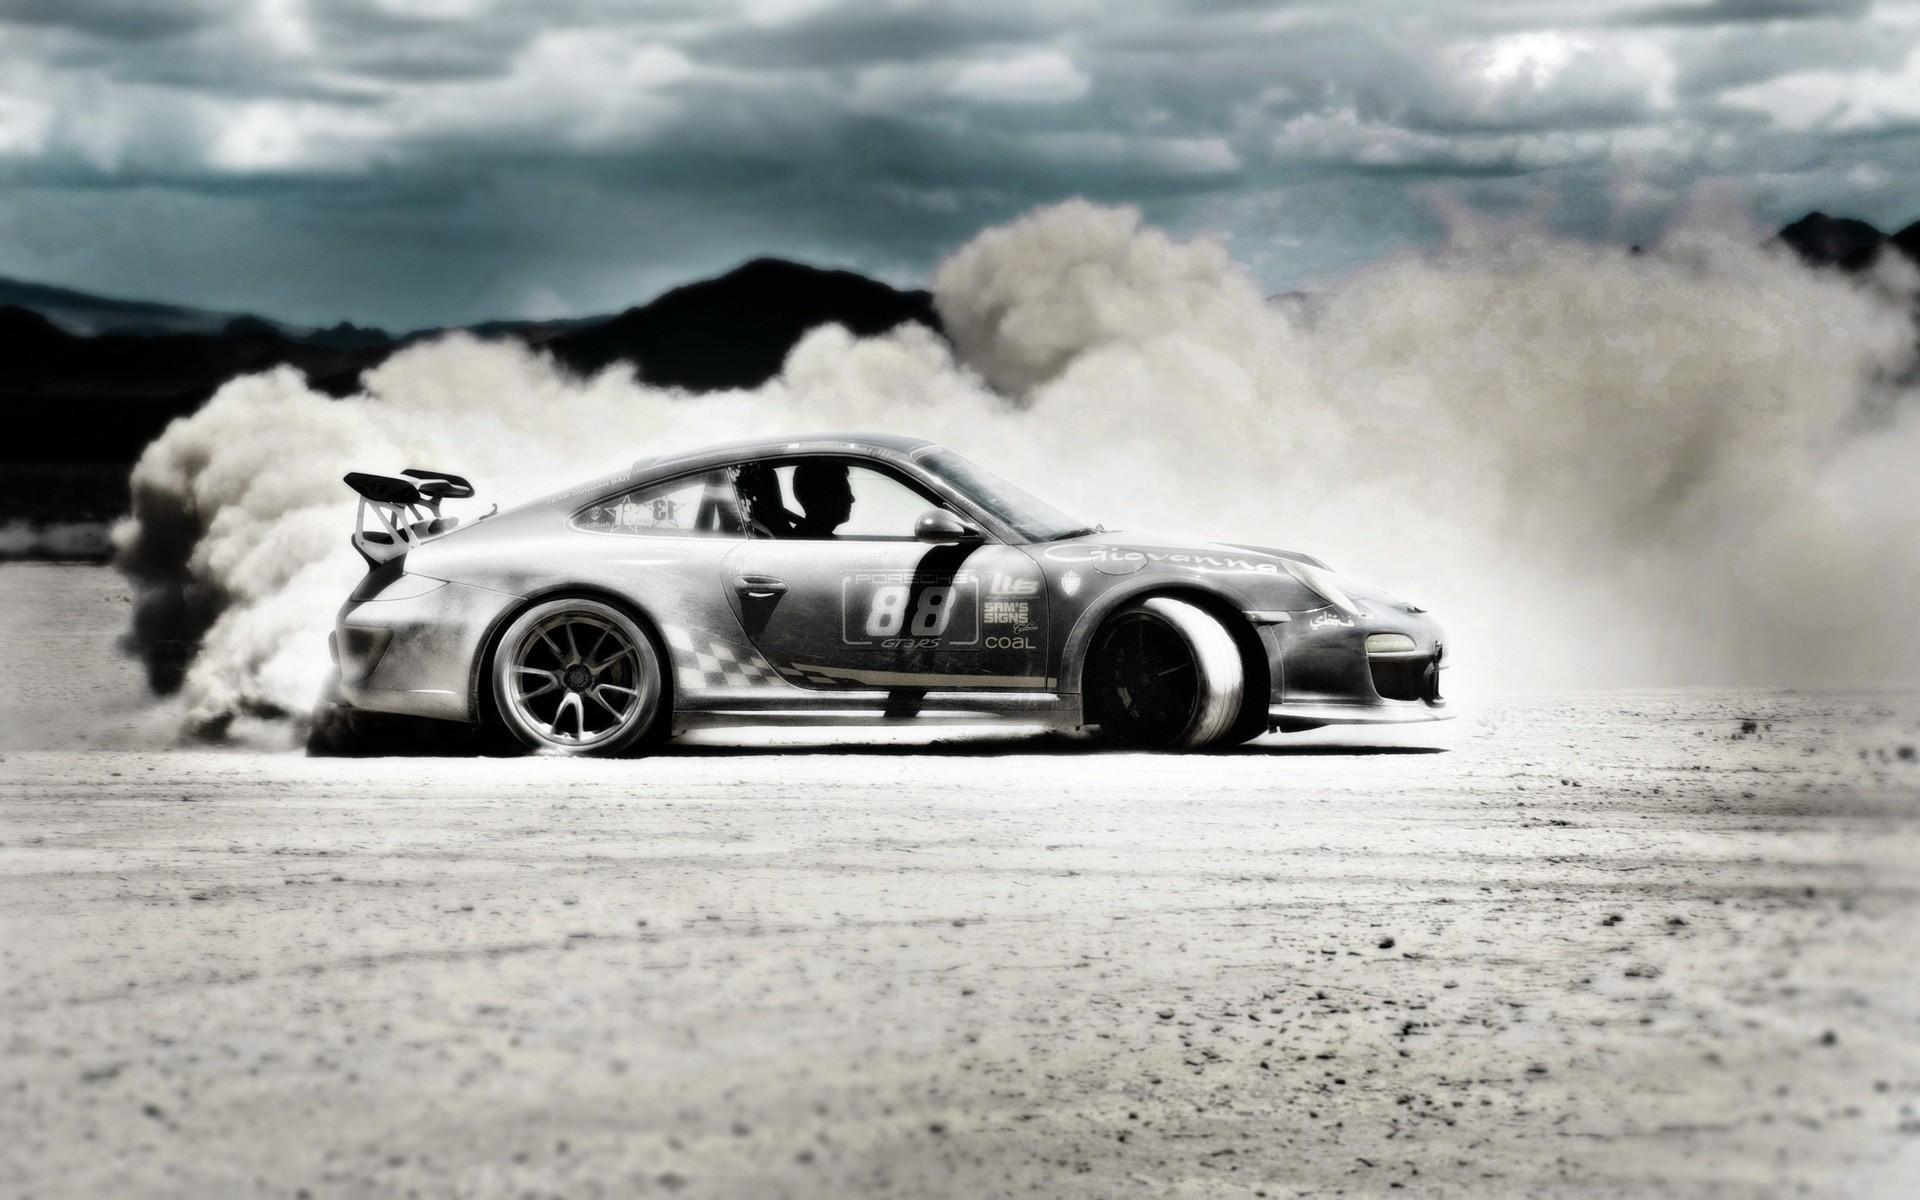 Porsche 911 gt3 drift hd cars 4k wallpapers images - Drift car wallpaper ...